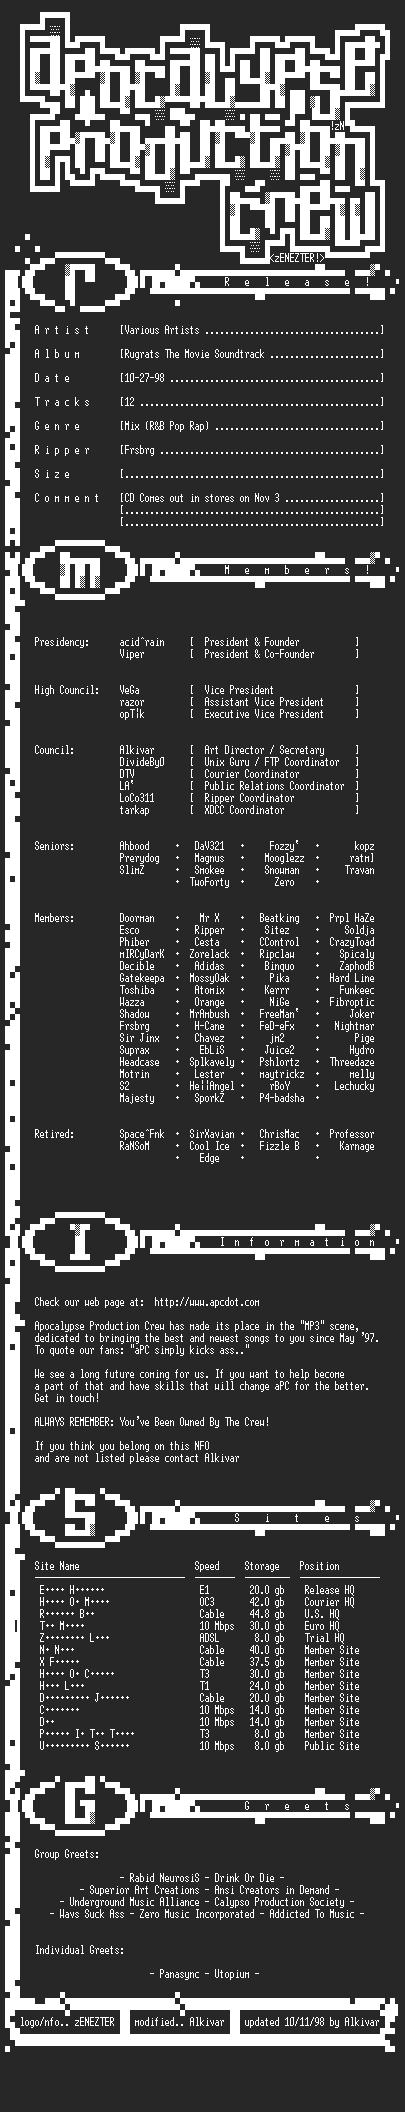 NFO file for Various_artists-rugrats-soundtrack-apc-frsbrg